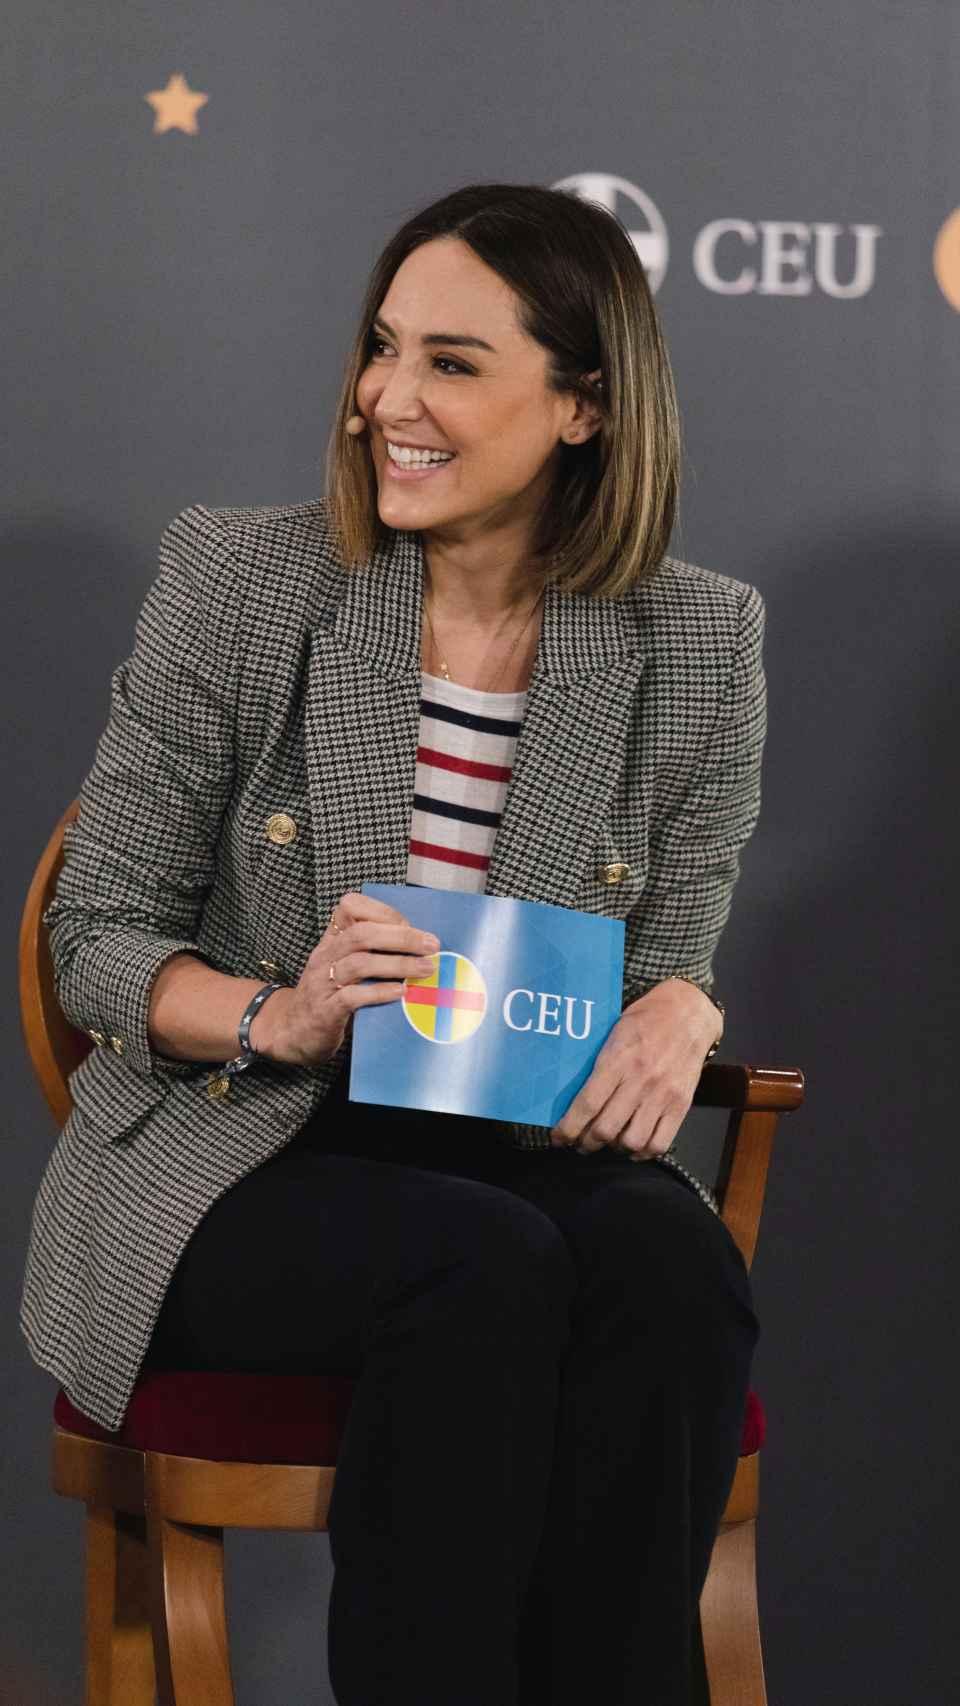 Tamara Falcó durante la presentación del libro editado por la Universidad CEU.